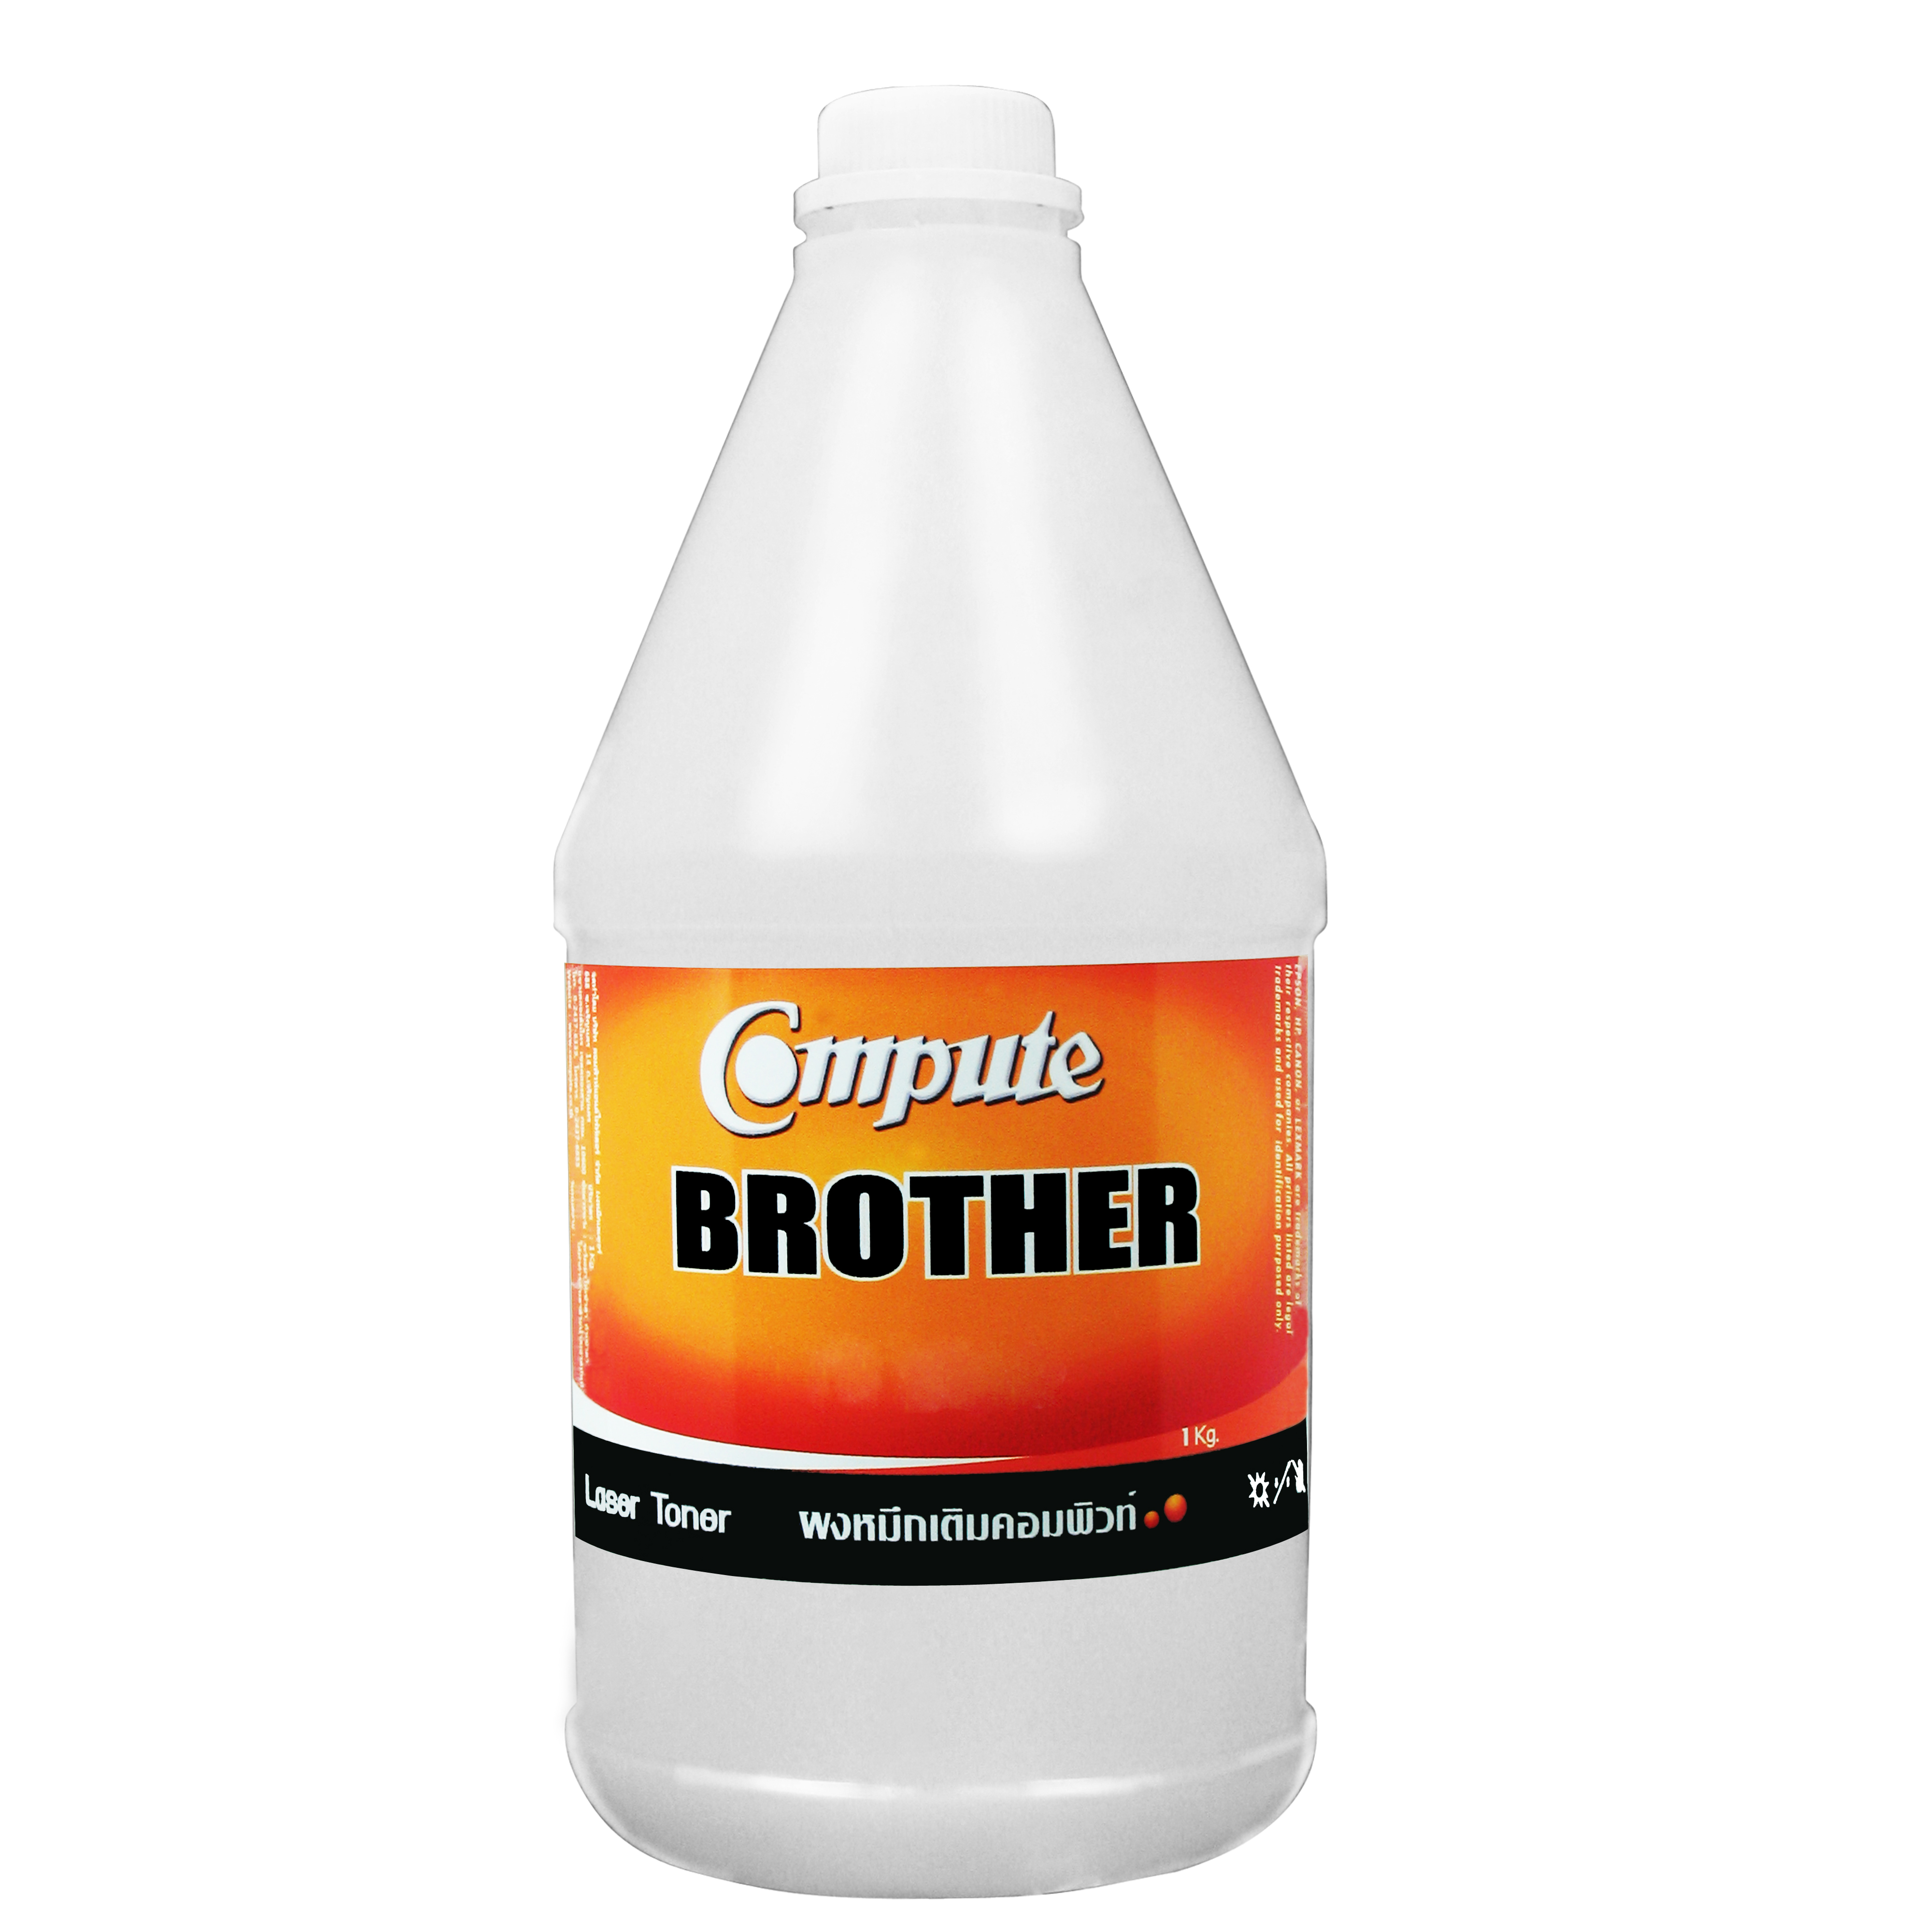 ผงหมึกเติม BROTHER TN-240 Cyan คอมพิวท์ (Refill Toner) 1 กิโลกรัม